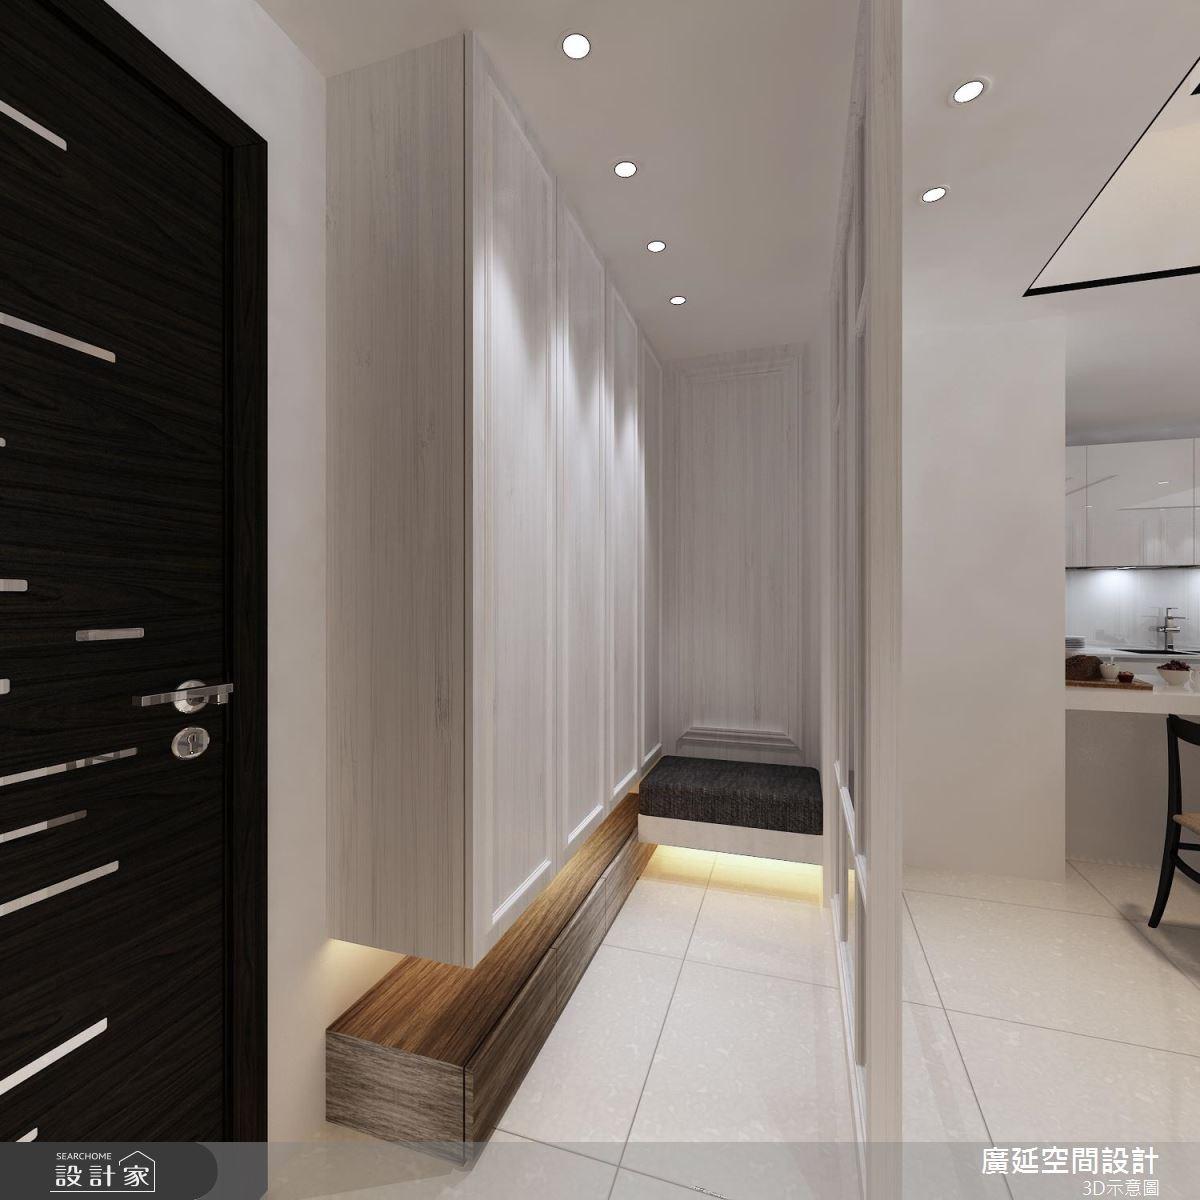 45坪新成屋(5年以下)_新古典玄關案例圖片_廣延空間設計_廣延_16之1